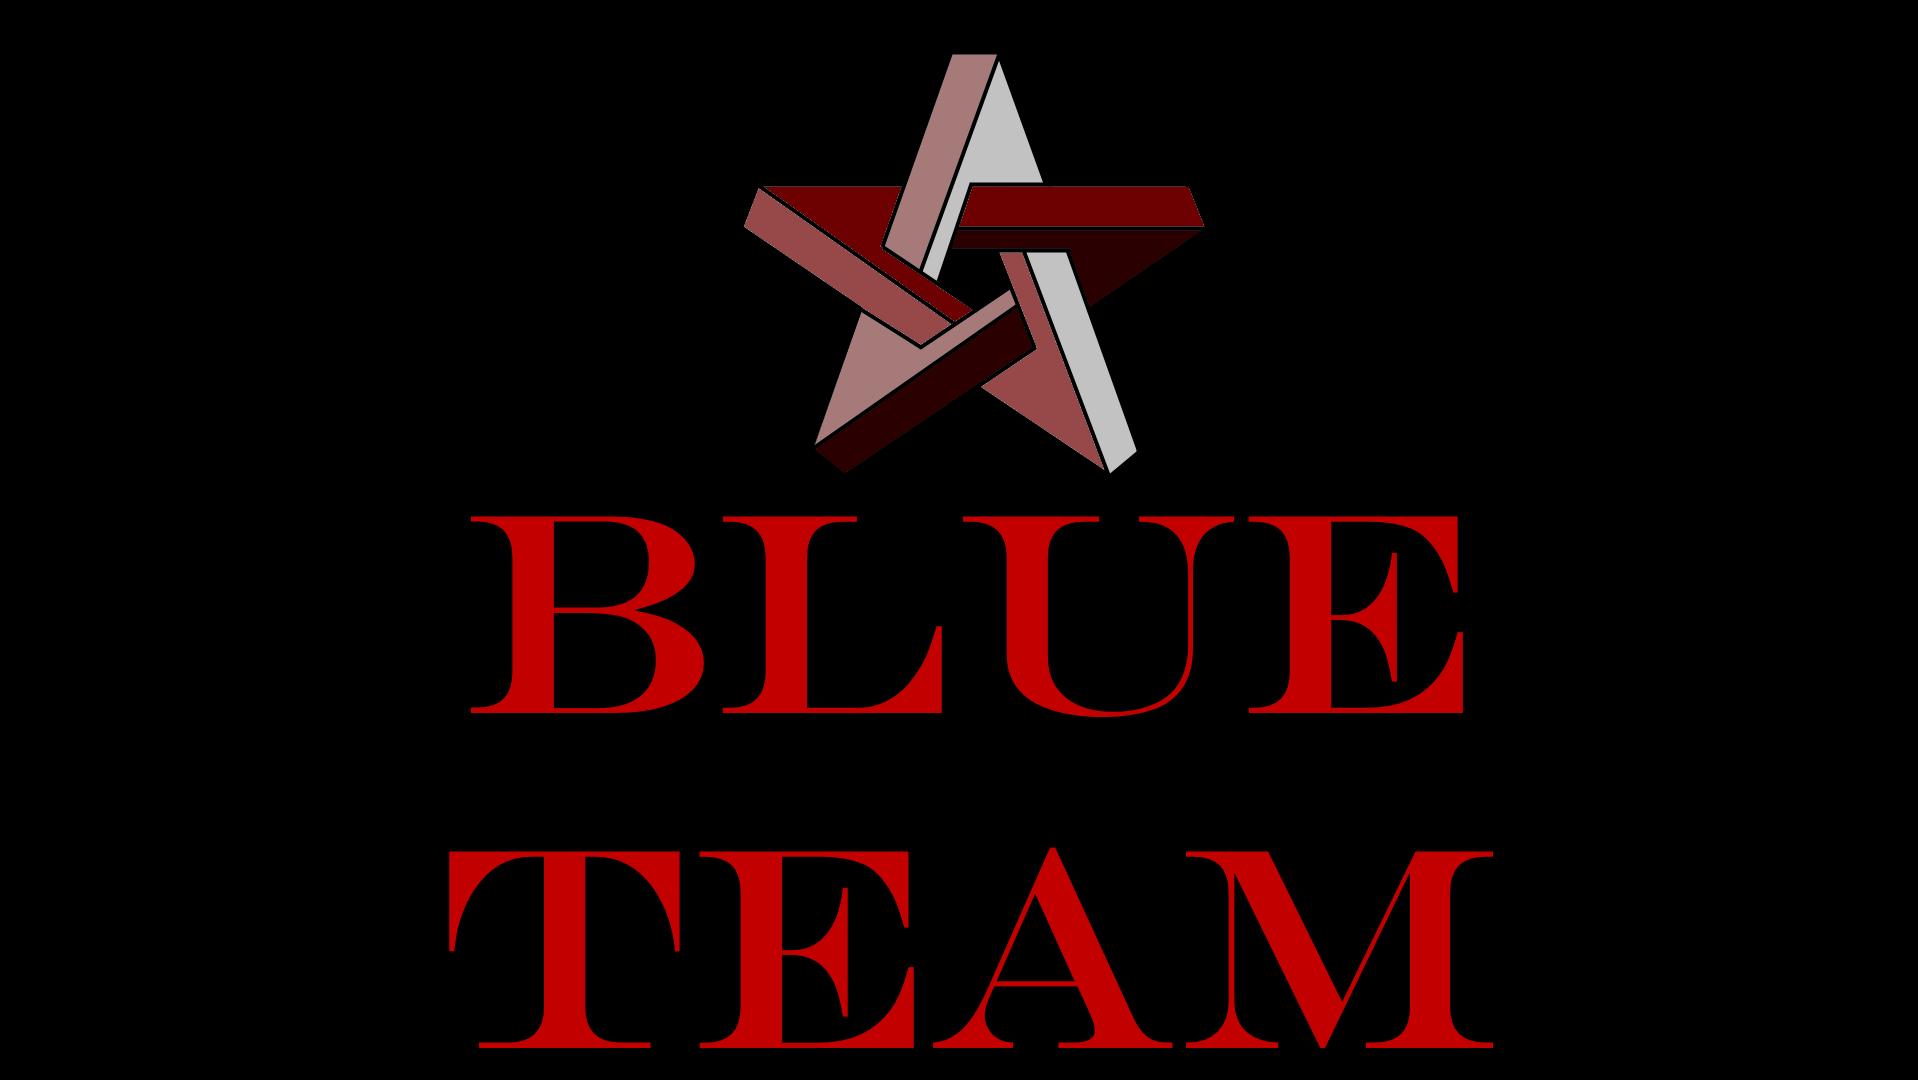 BlueTeam.png